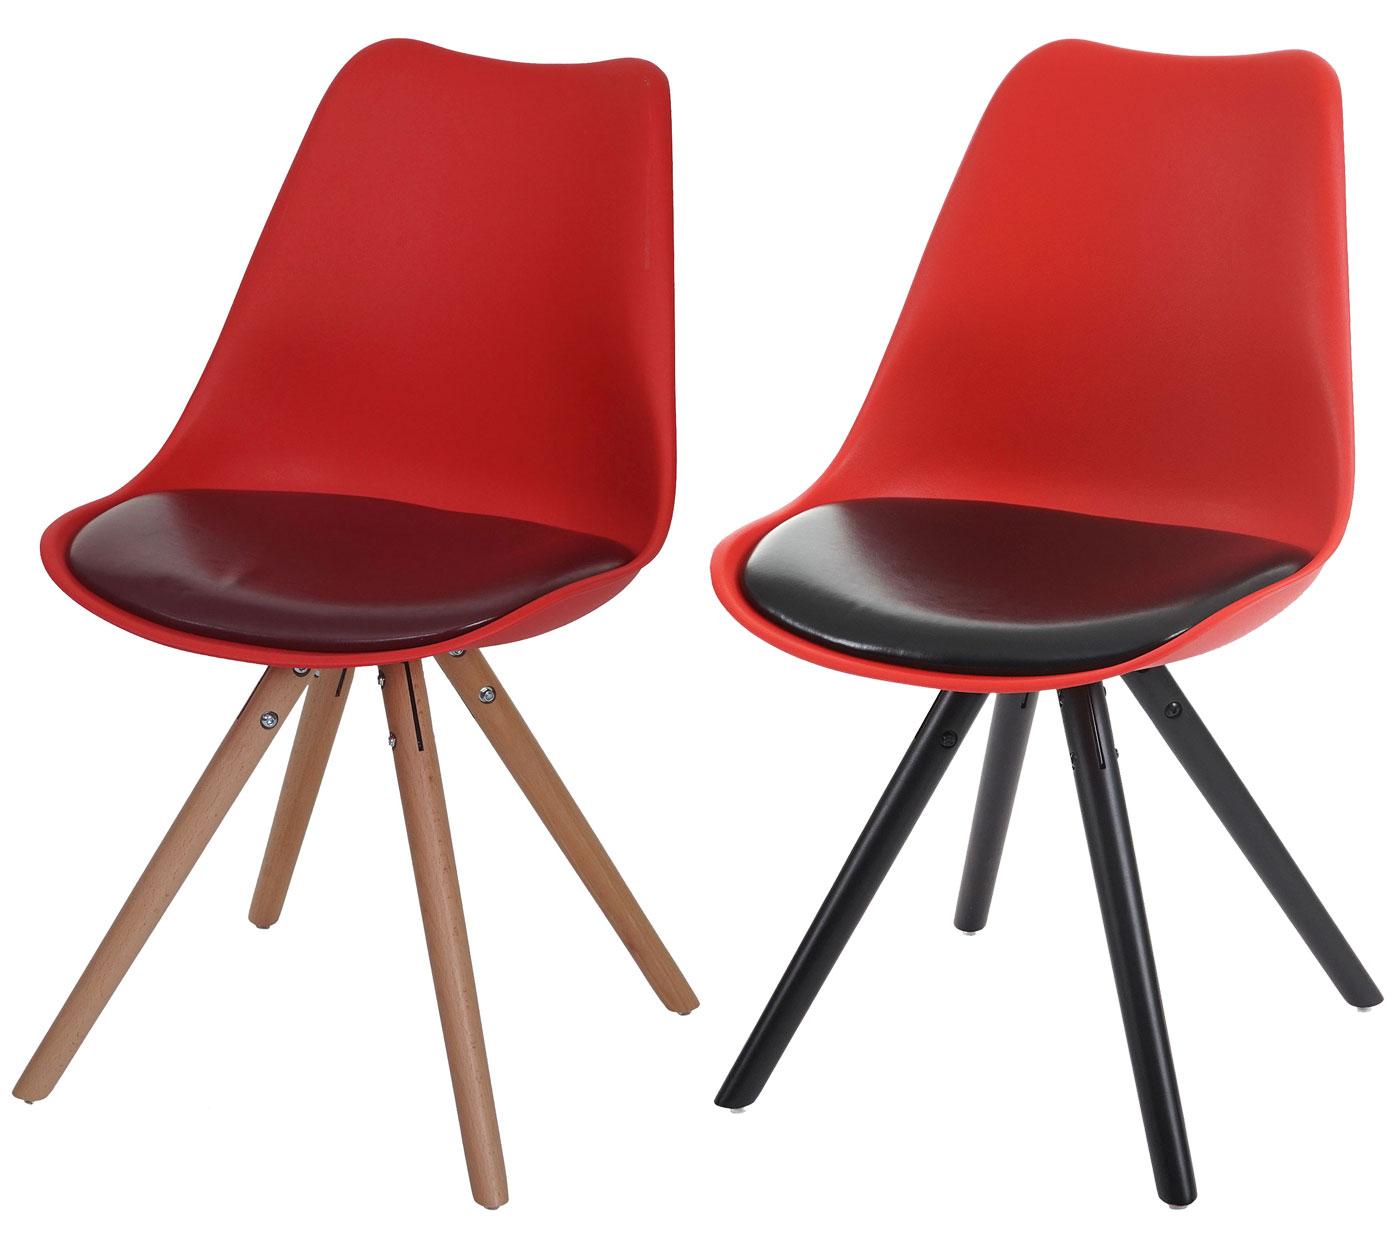 4x esszimmerstuhl malm t501 stuhl lehnstuhl retro 50er for Stuhl design 50er